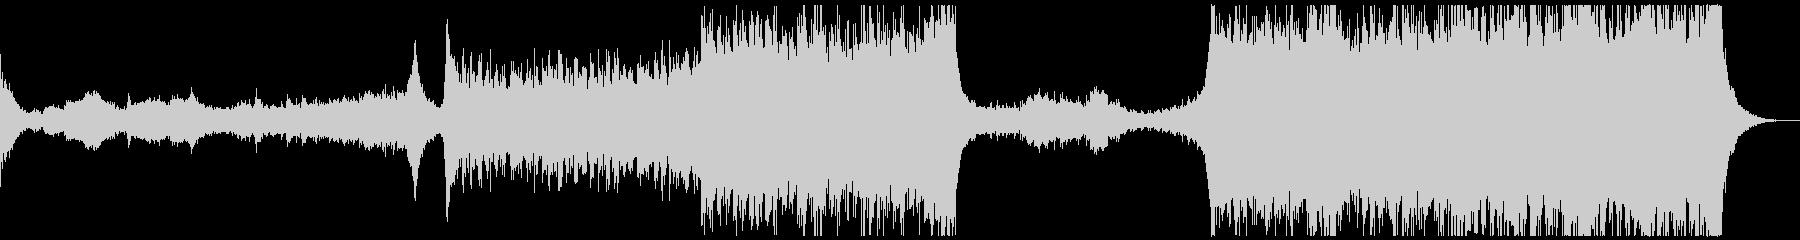 エネルギッシュなシンフォニックストリングの未再生の波形